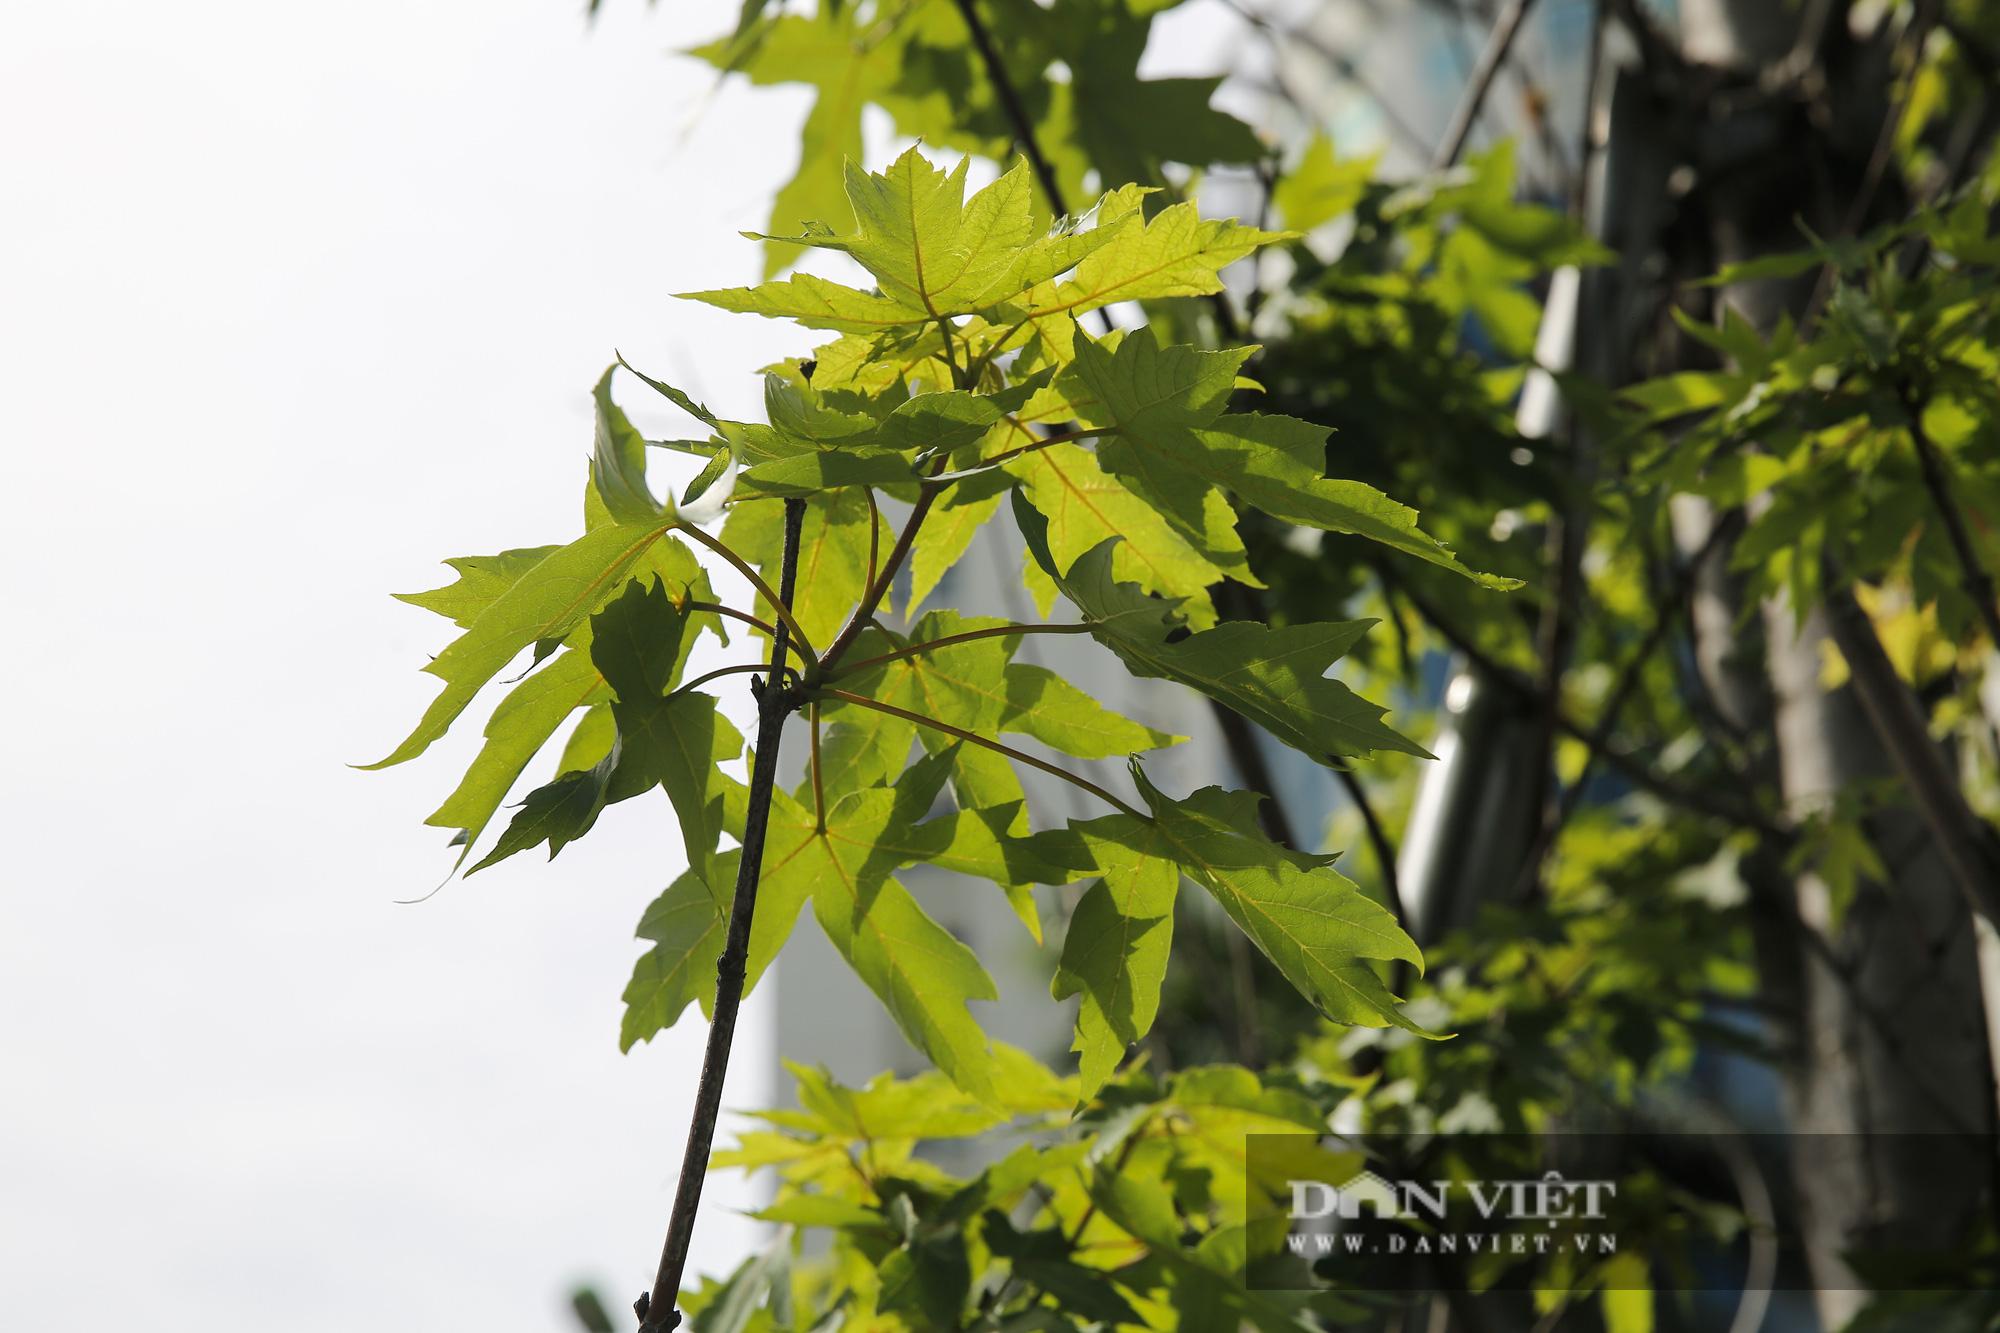 """Hàng cây phong lá đỏ tại Hà Nội bỗng """"hồi sinh"""" giữa mùa hè - Ảnh 4."""